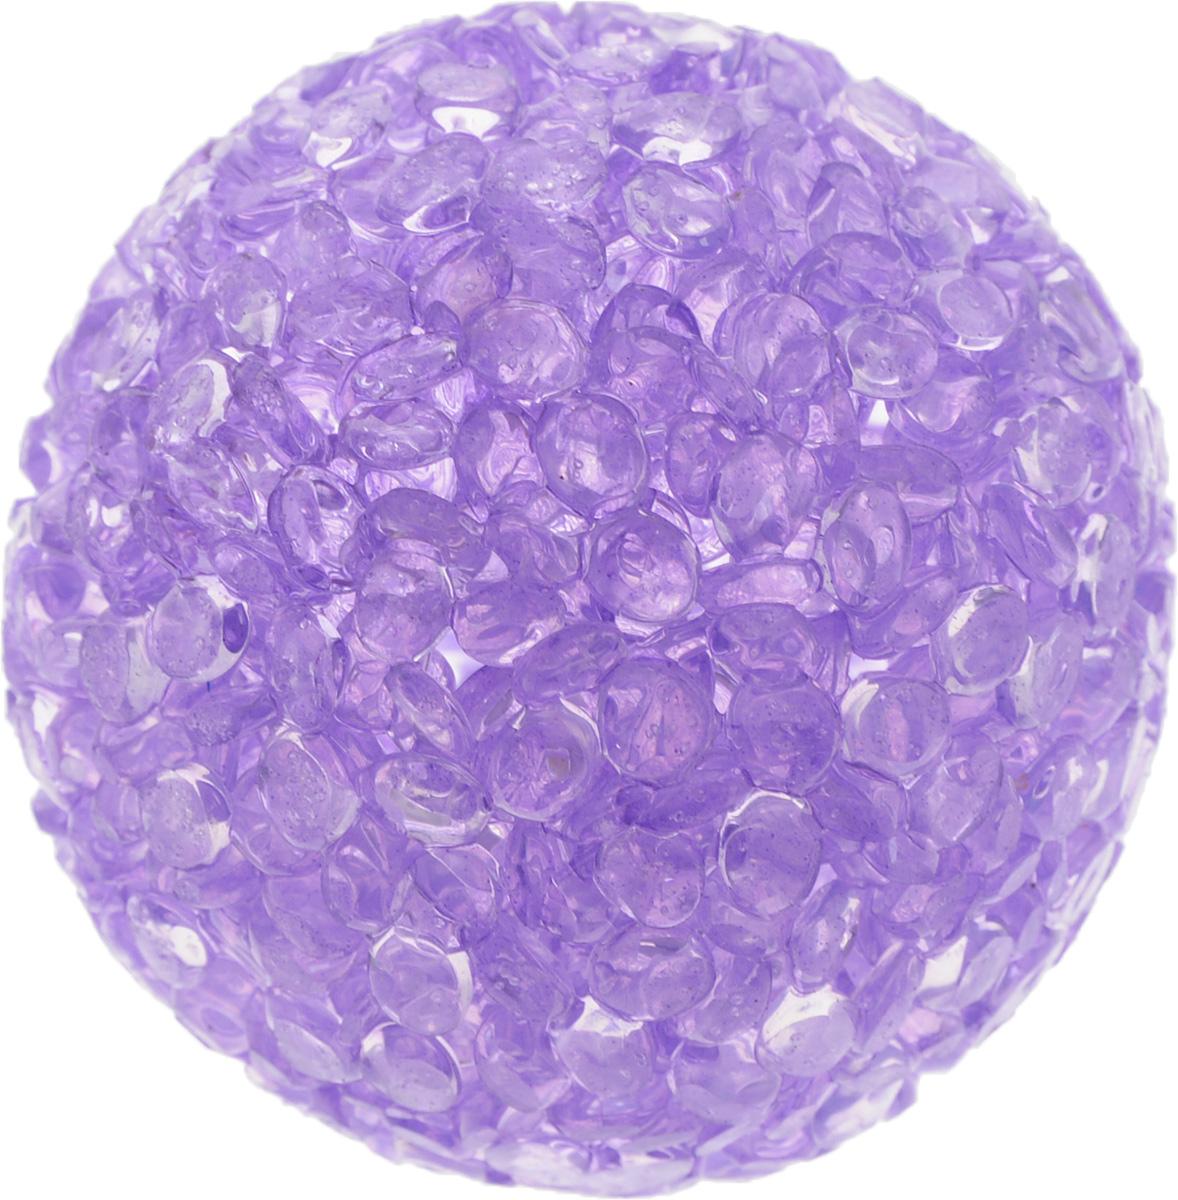 Игрушка для животных Каскад Мячик блестящий, цвет: фиолетовый, диаметр 4 см27799312Игрушка для животных Каскад Мячик блестящий изготовлена из высококачественной синтетики. Внутри изделия имеется небольшой бубенчик, который привлечет внимание питомца. Такая игрушка порадует вашего любимца, а вам доставит массу приятных эмоций, ведь наблюдать за игрой всегда интересно и приятно.Диаметр игрушки: 4 см.